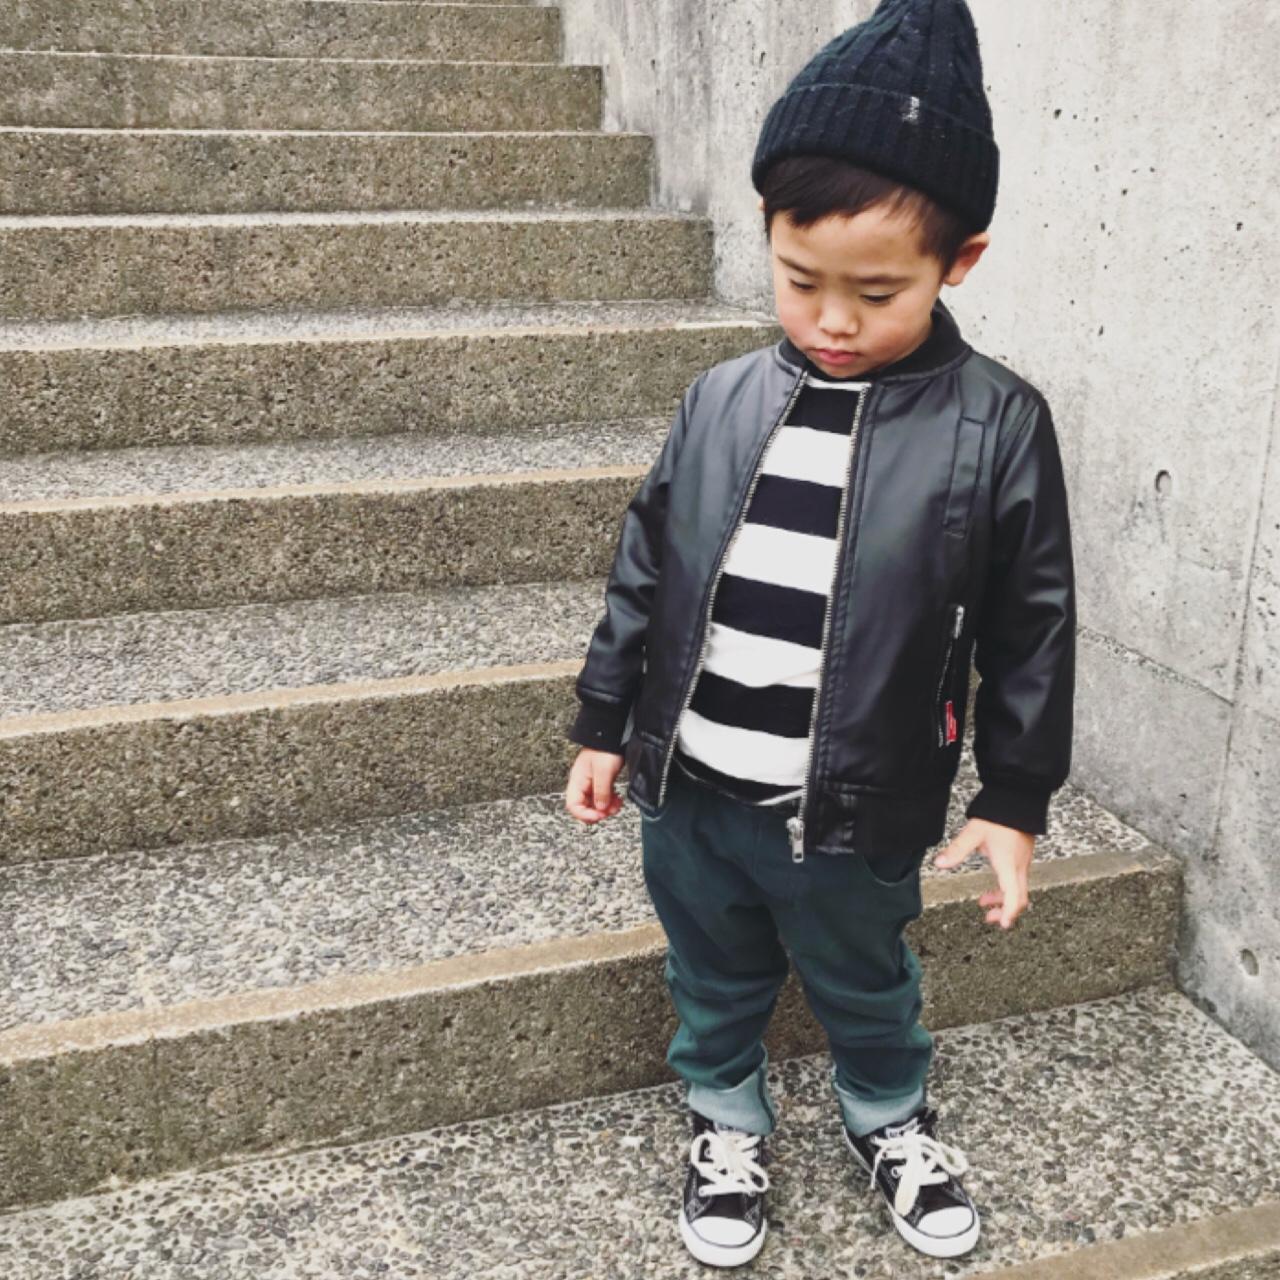 今日のコーデ ファッション 男の子コーデ リンクコーデ 着